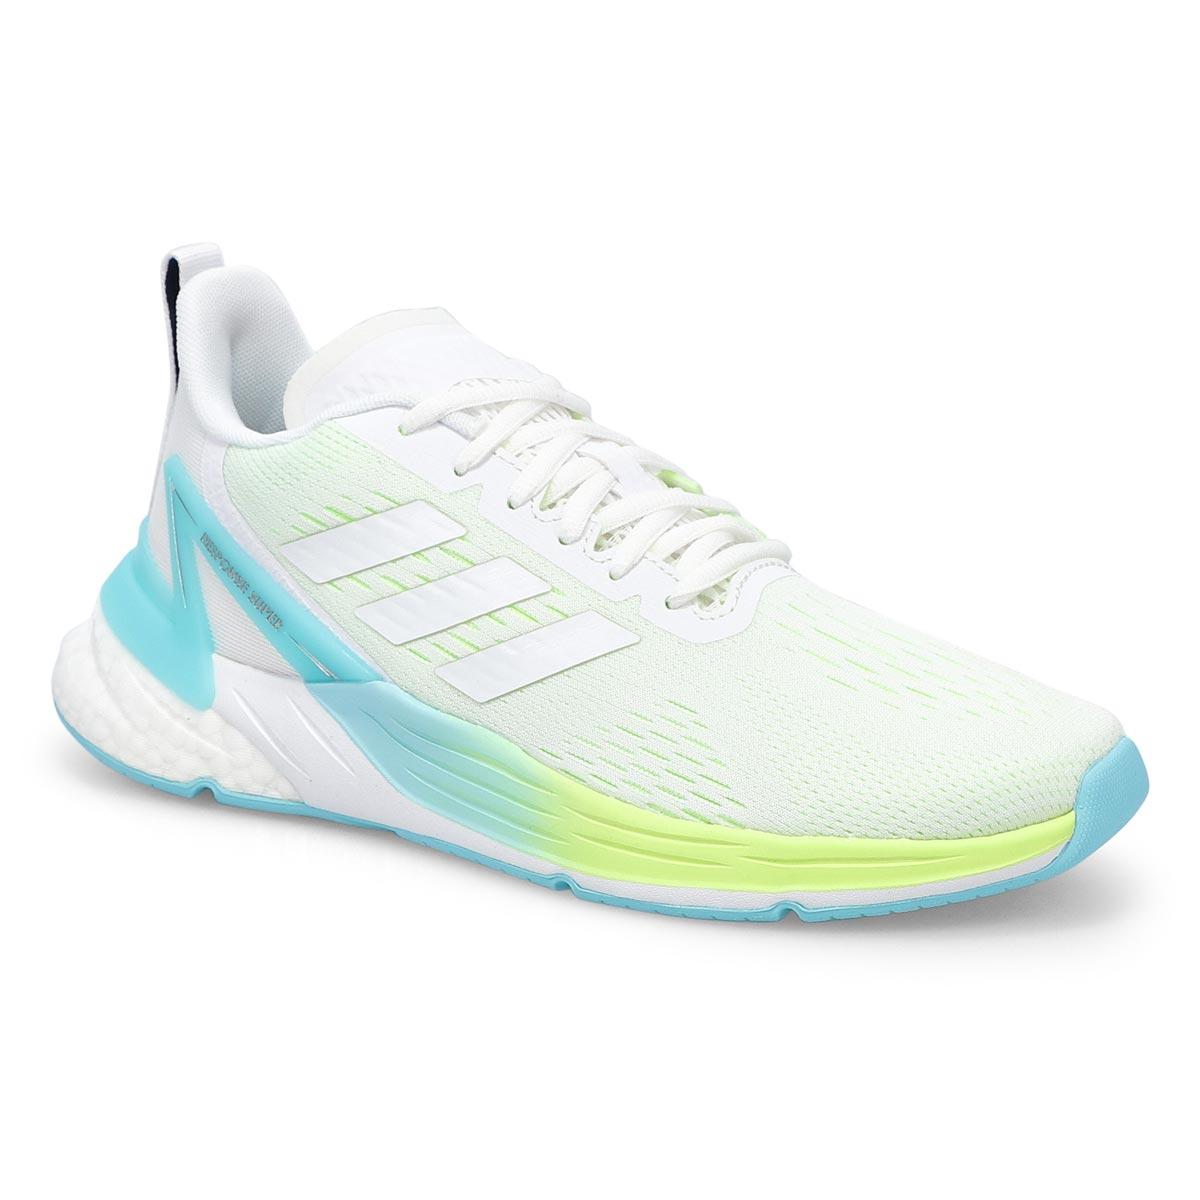 Women's Response Super Running Shoe - Wht/Yellow